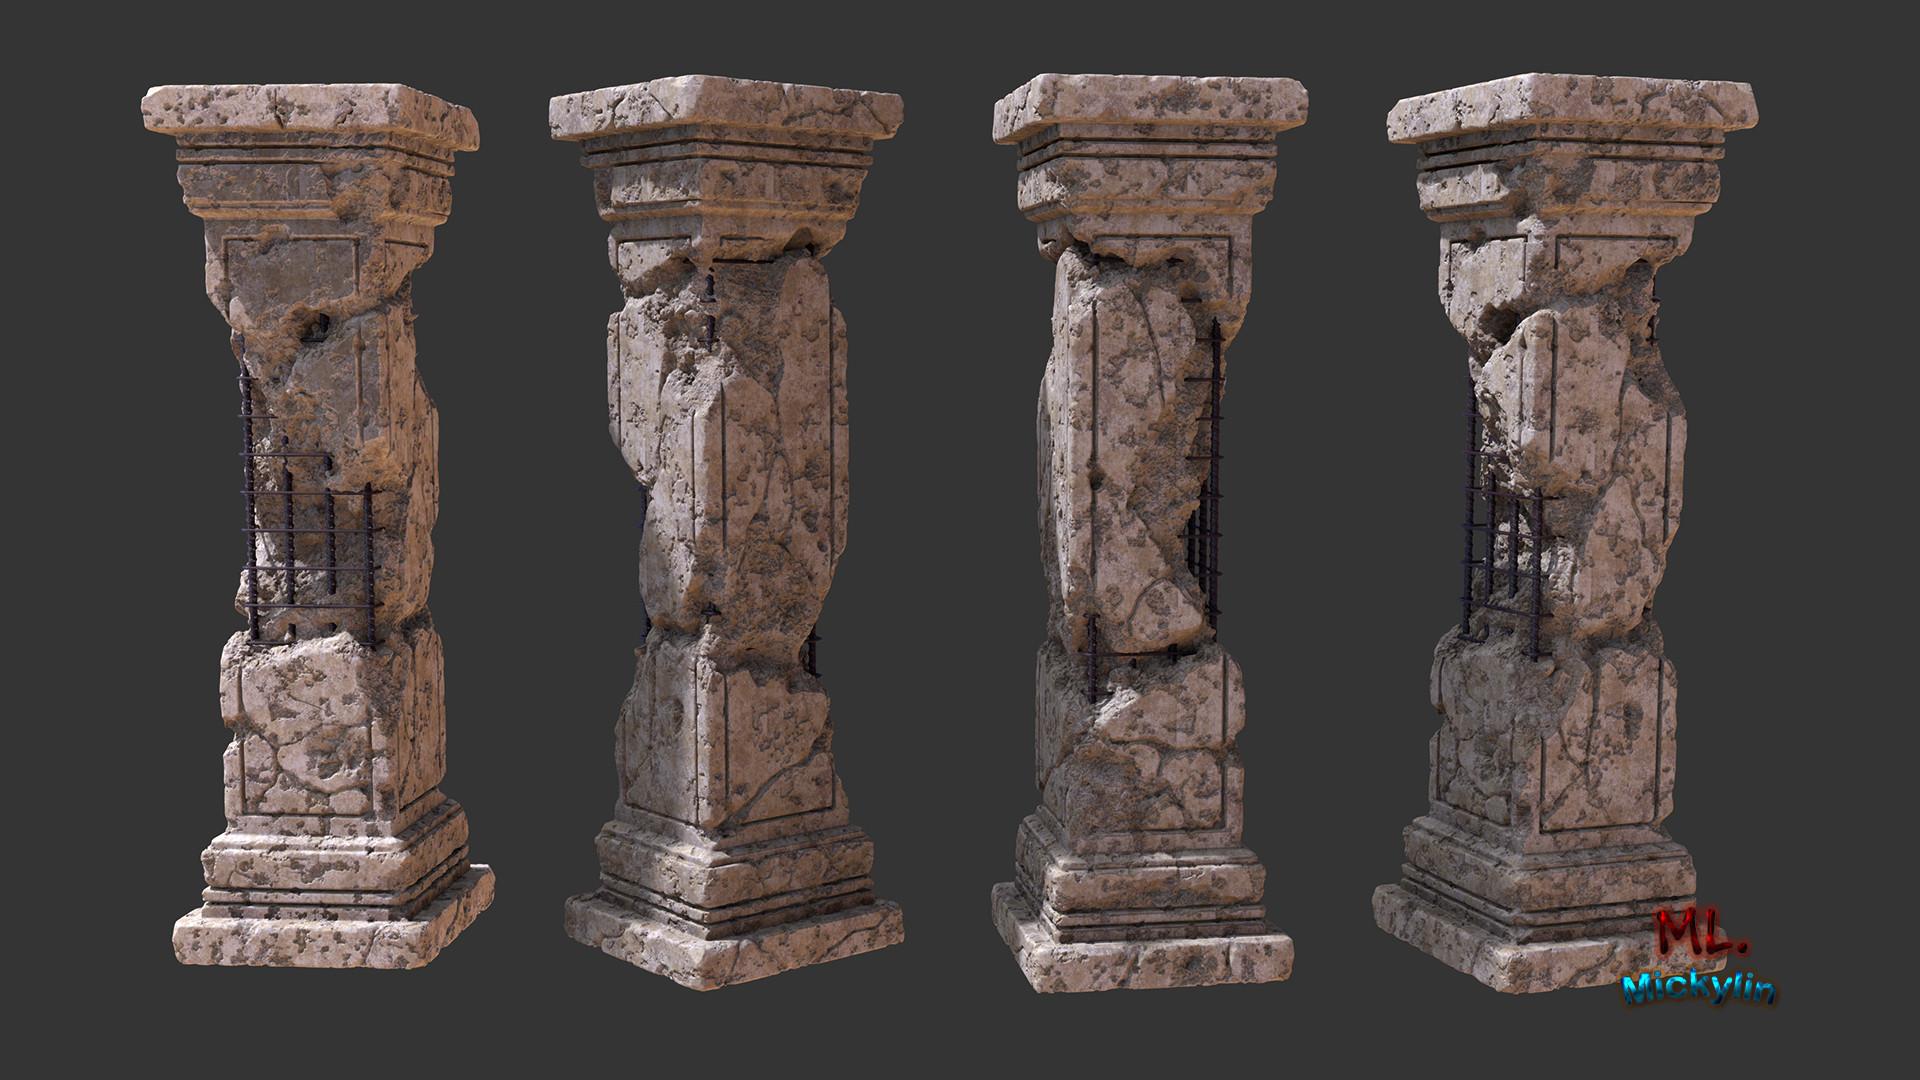 Broken Stone Pillar : Concrete pedestal artstation broken pillar micky lin